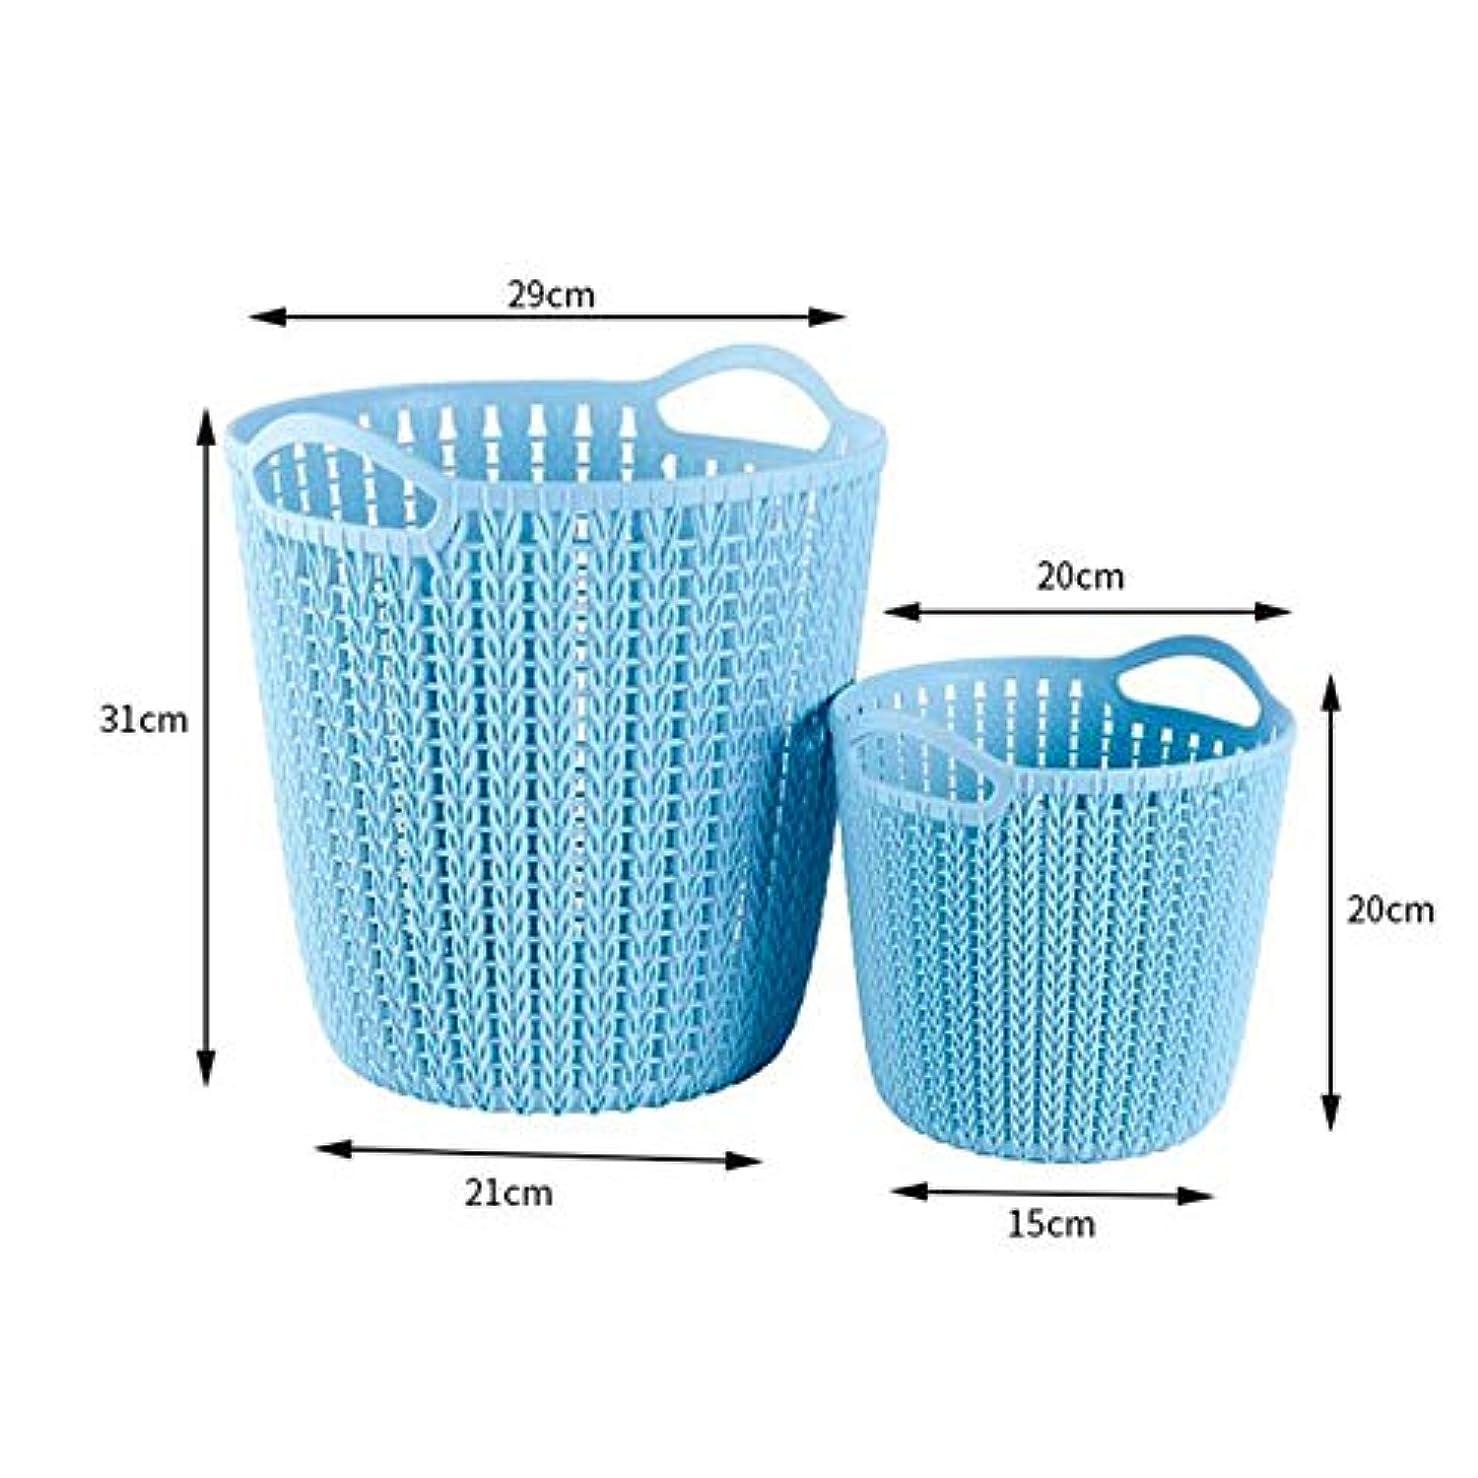 論理的にインポートキルスQYSZYG ストレージバスケット模造籐プラスチック中空スナックおもちゃの収納バスケットキッチン仕上げバスルームバスシャワーバンパー 収納バスケット (色 : ピンク, サイズ さいず : L l)